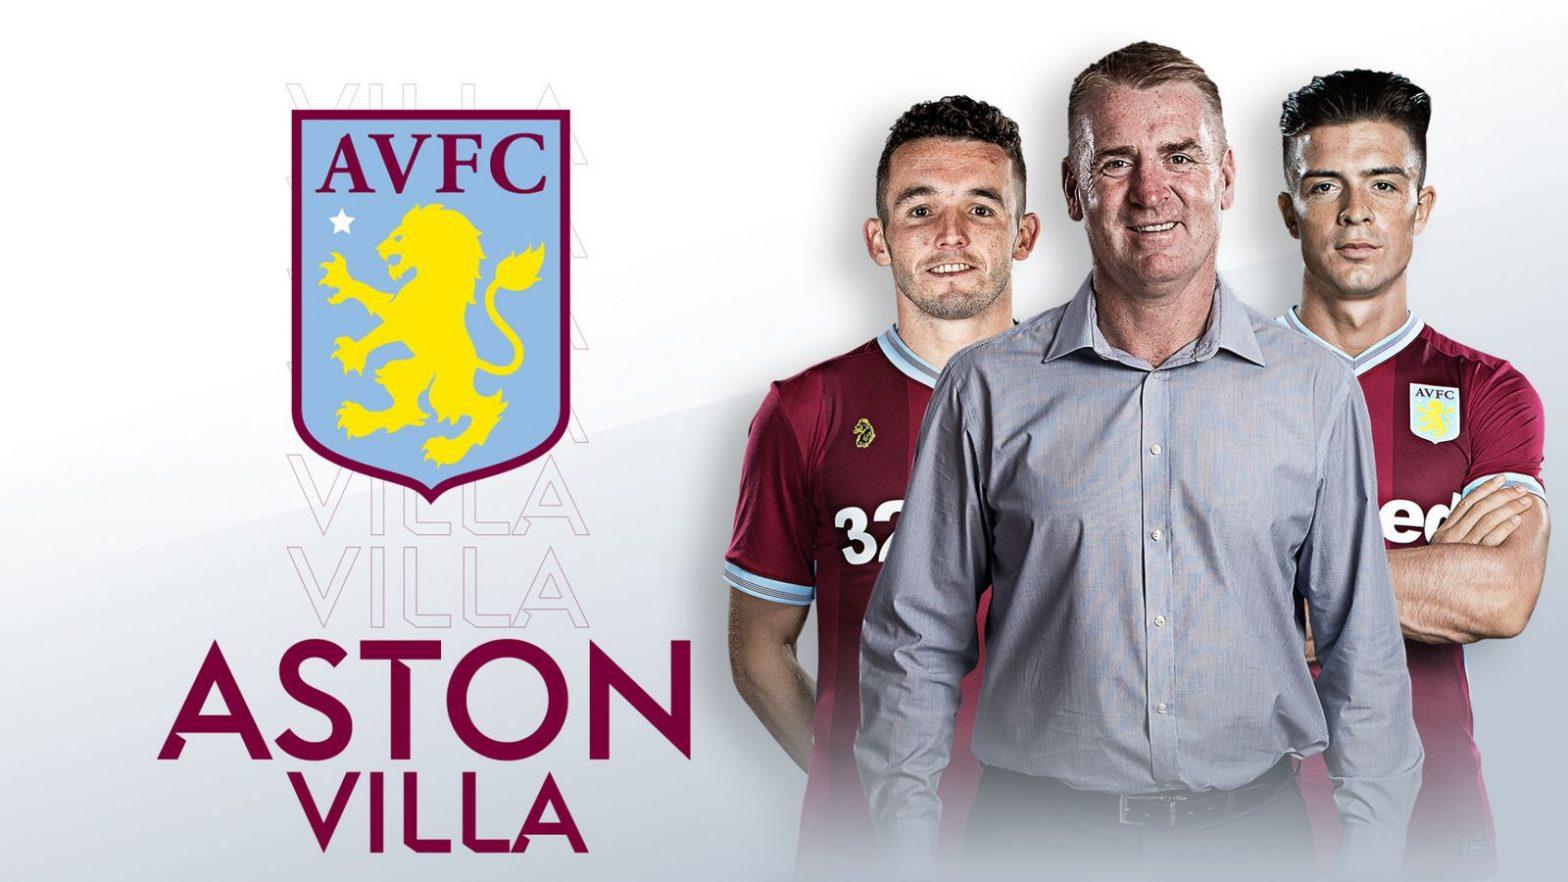 Aston Villa fixtures 2019/20